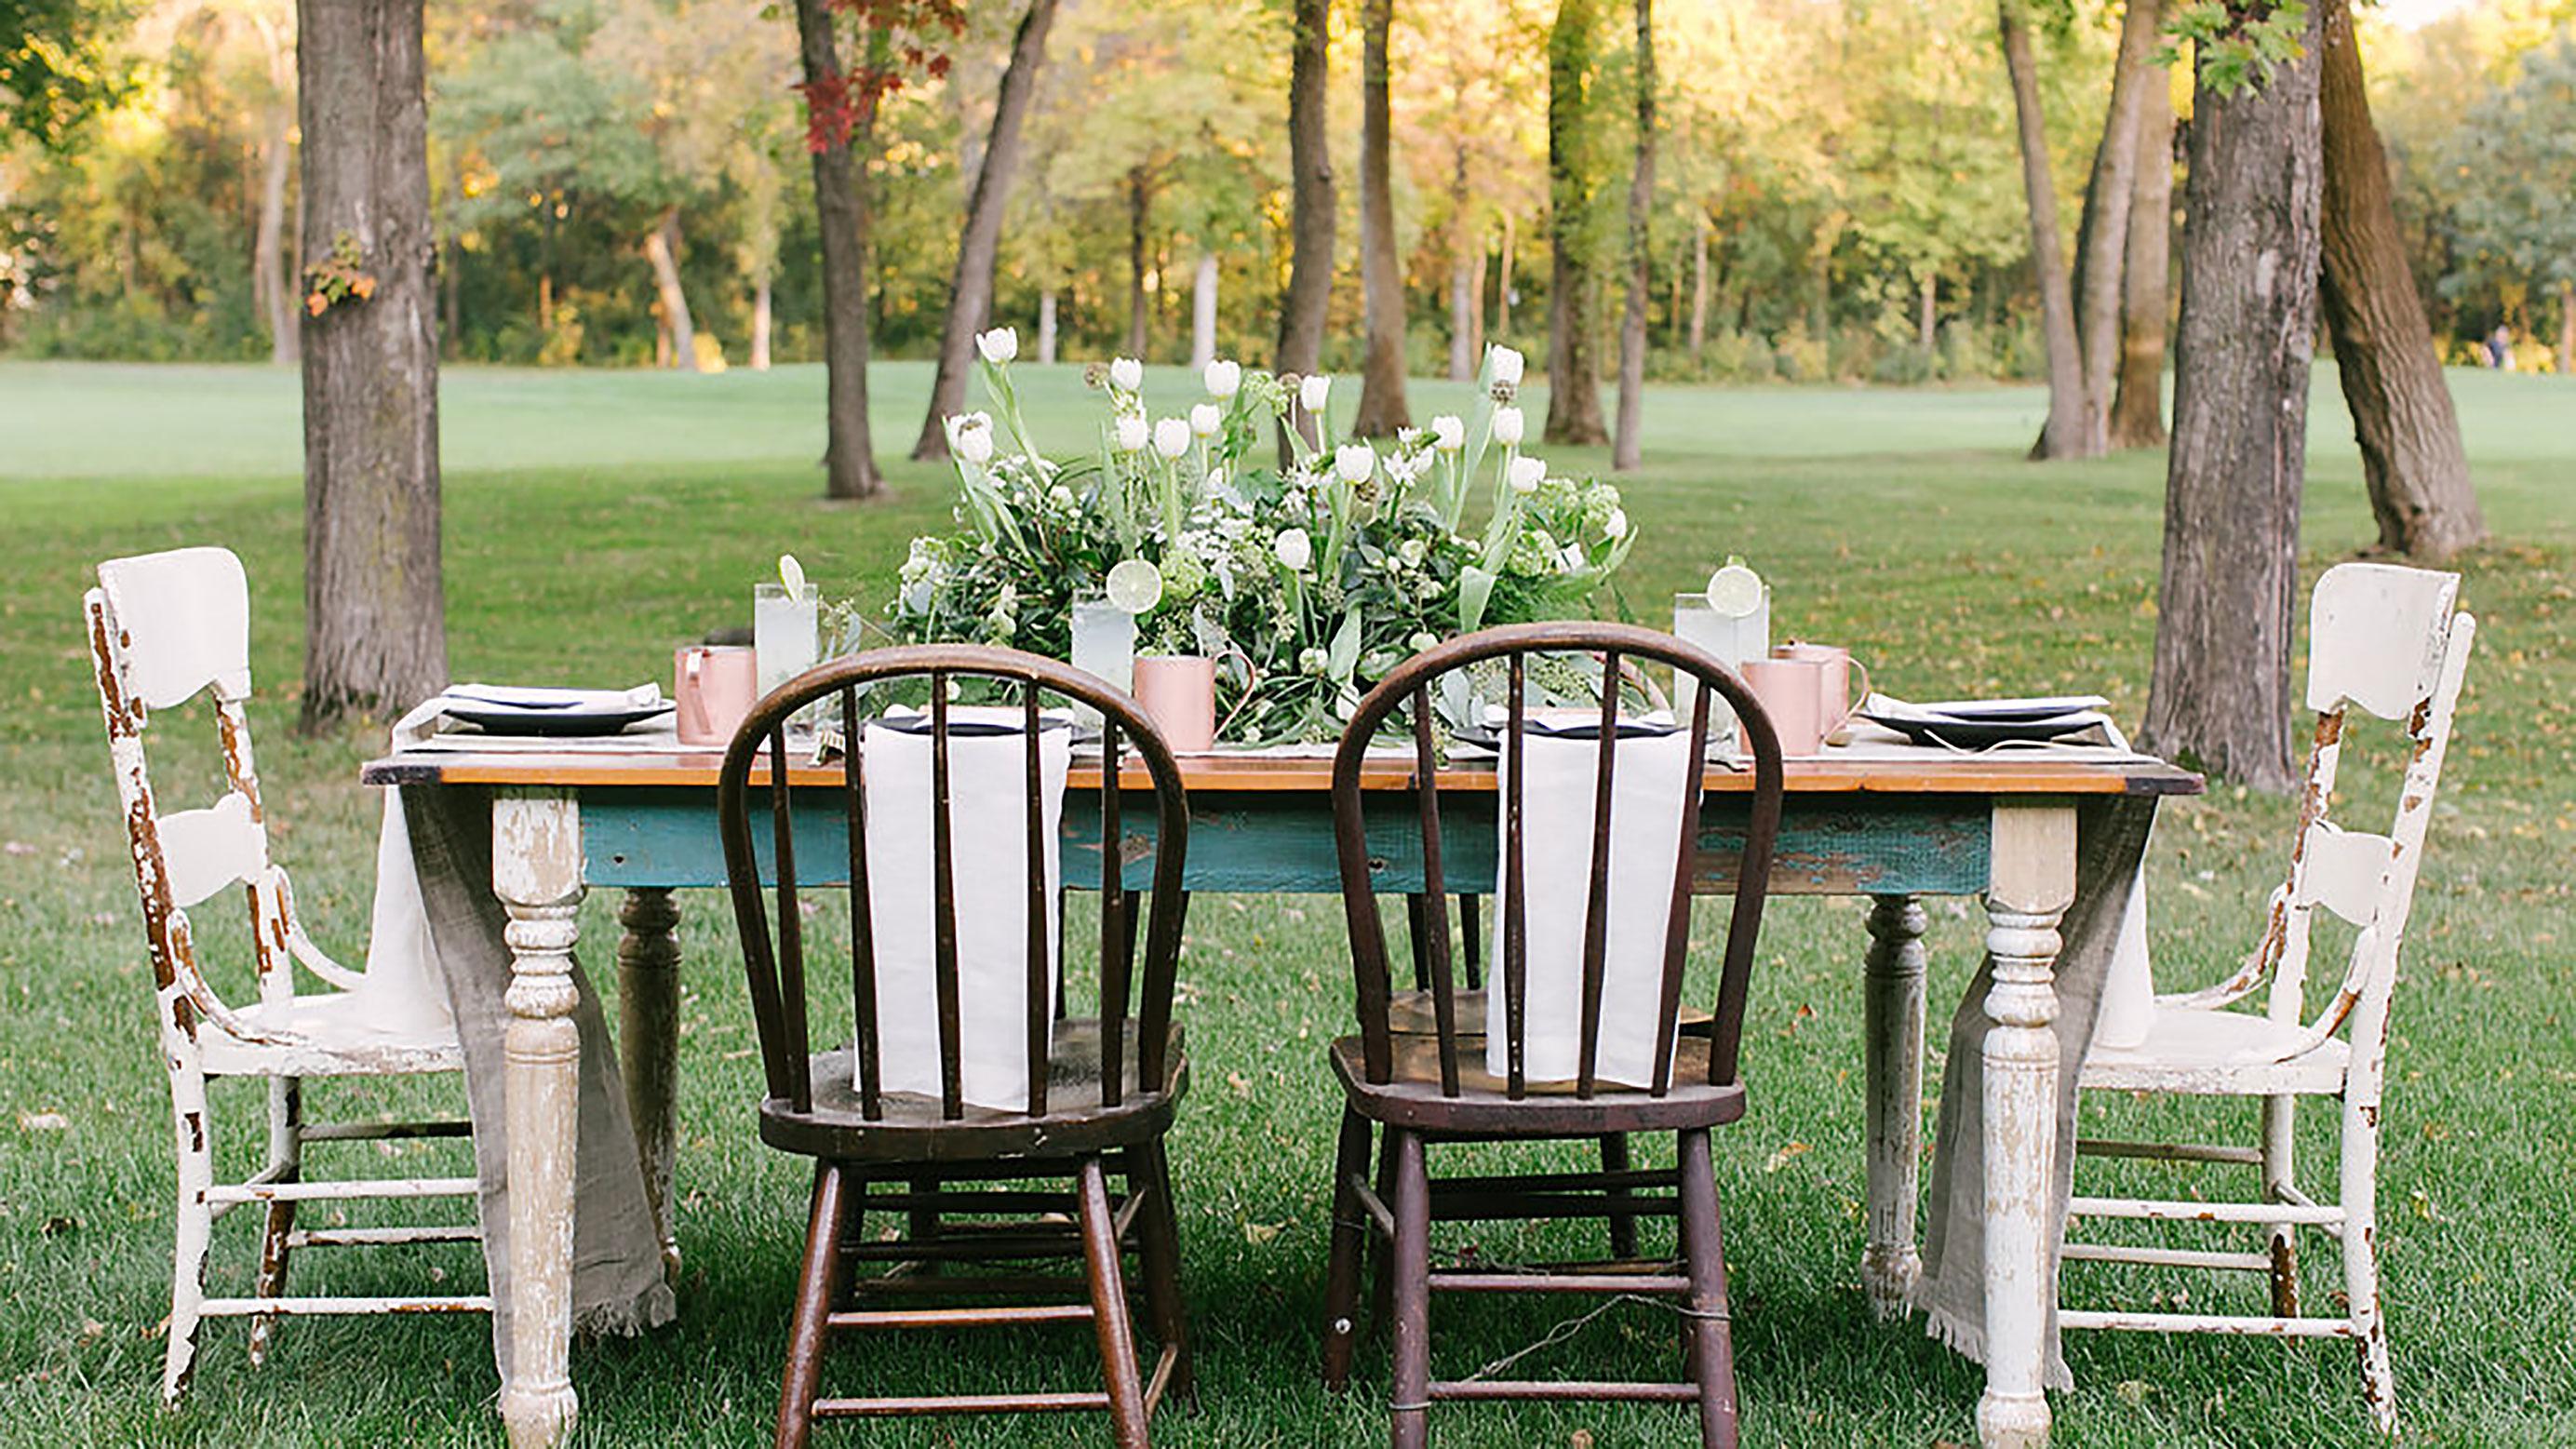 24 SIMPHOME.COM backyard engagement party ideas unique engagement table decorations